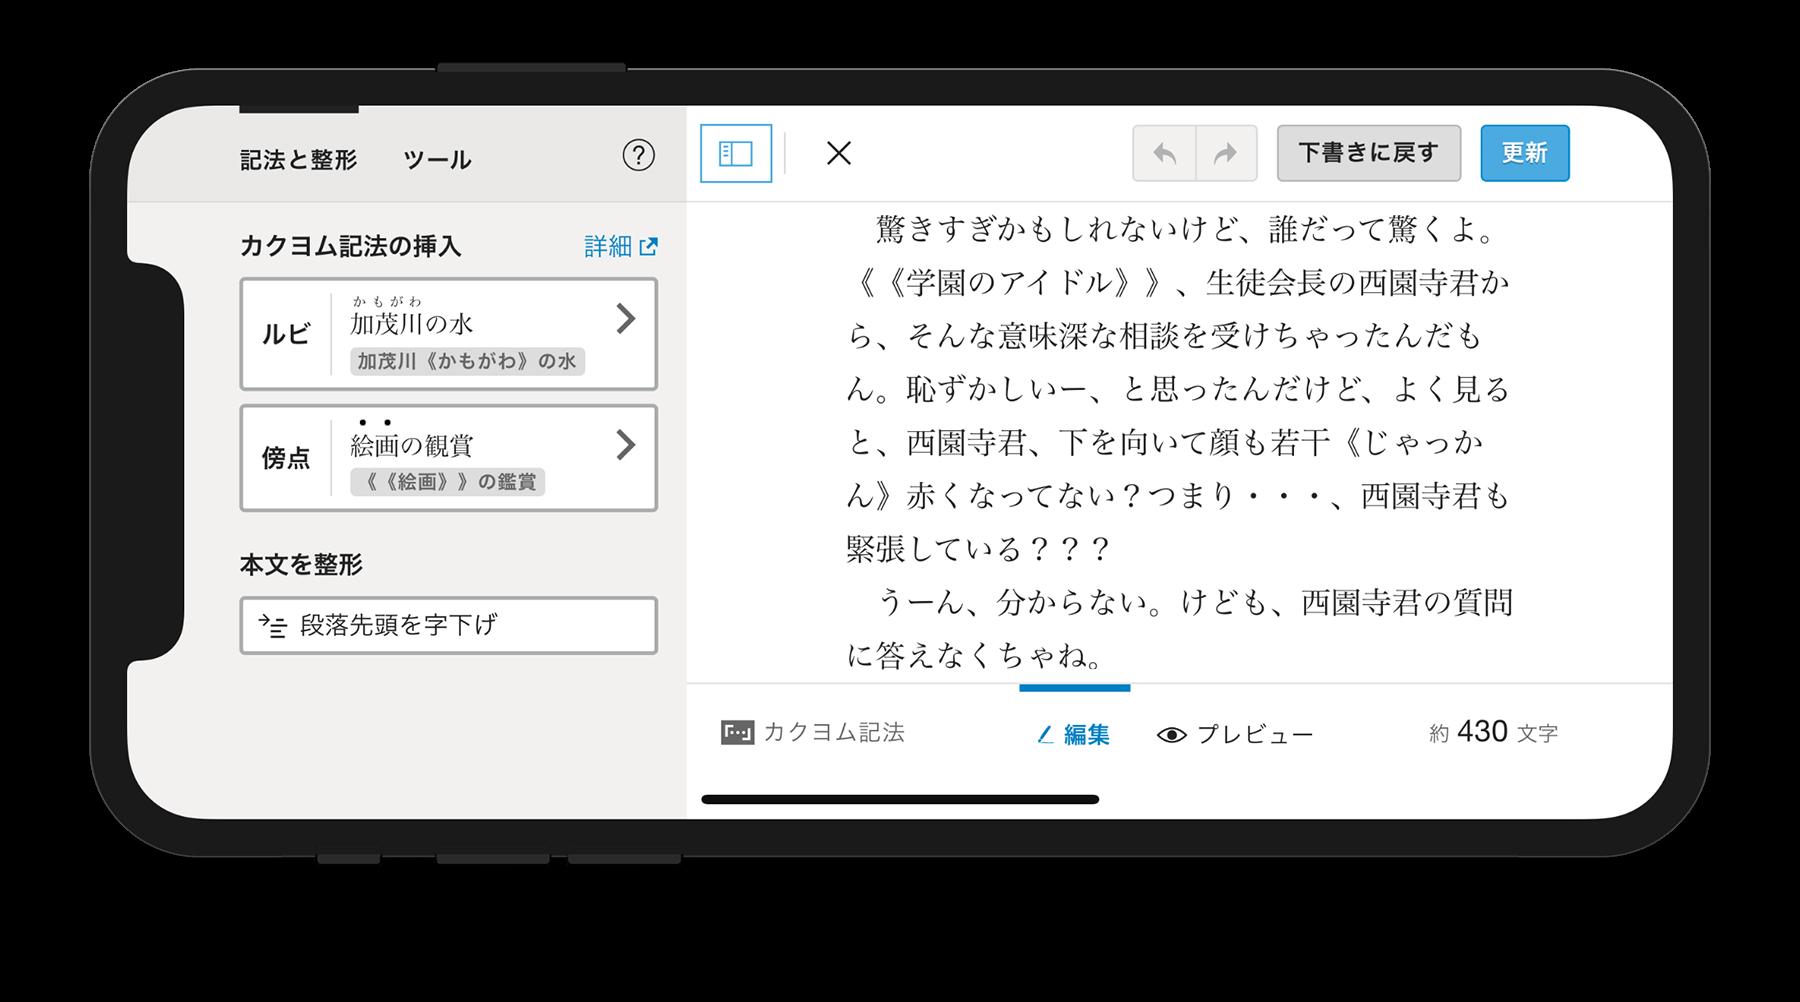 iPhone Xでのエピソード編集画面表示